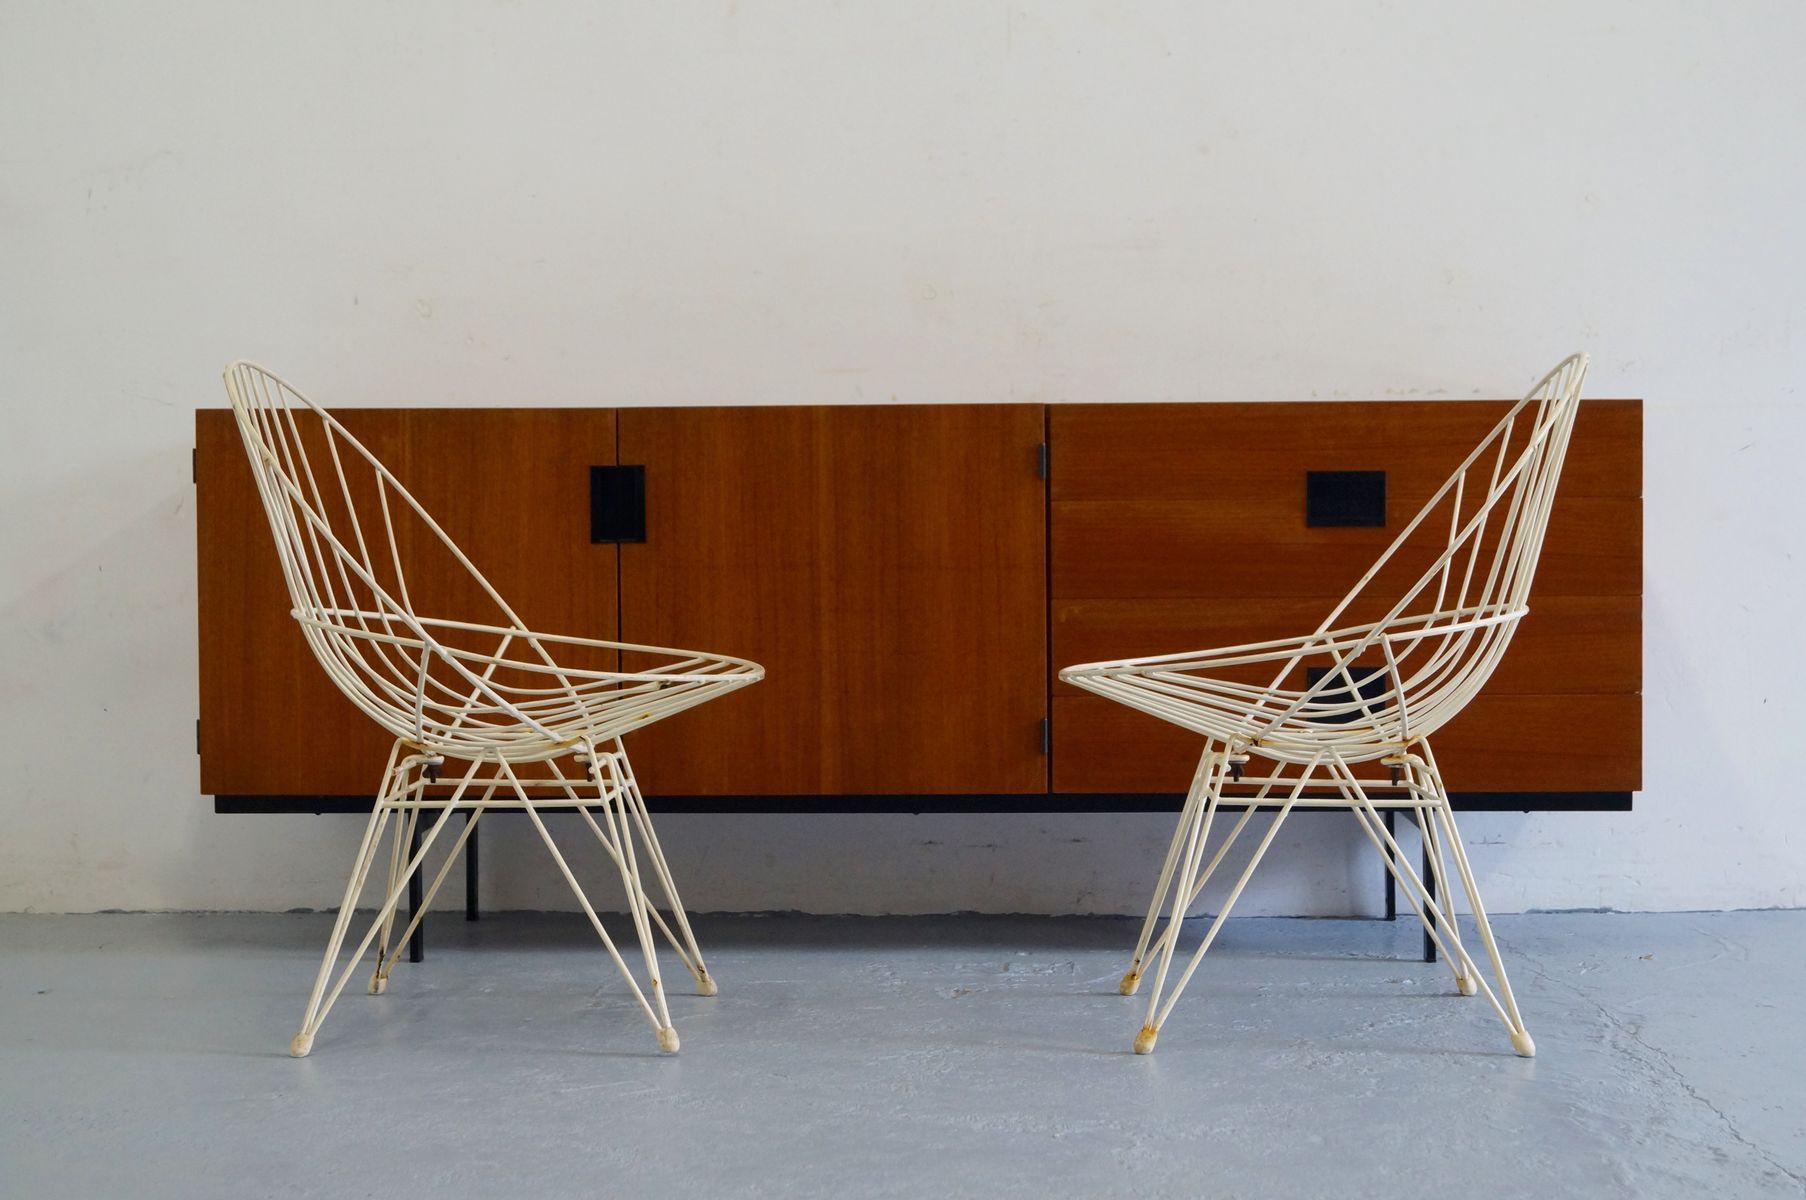 Vintage draht stuhl der combex serie von cees braakman f r for Design stuhl draht